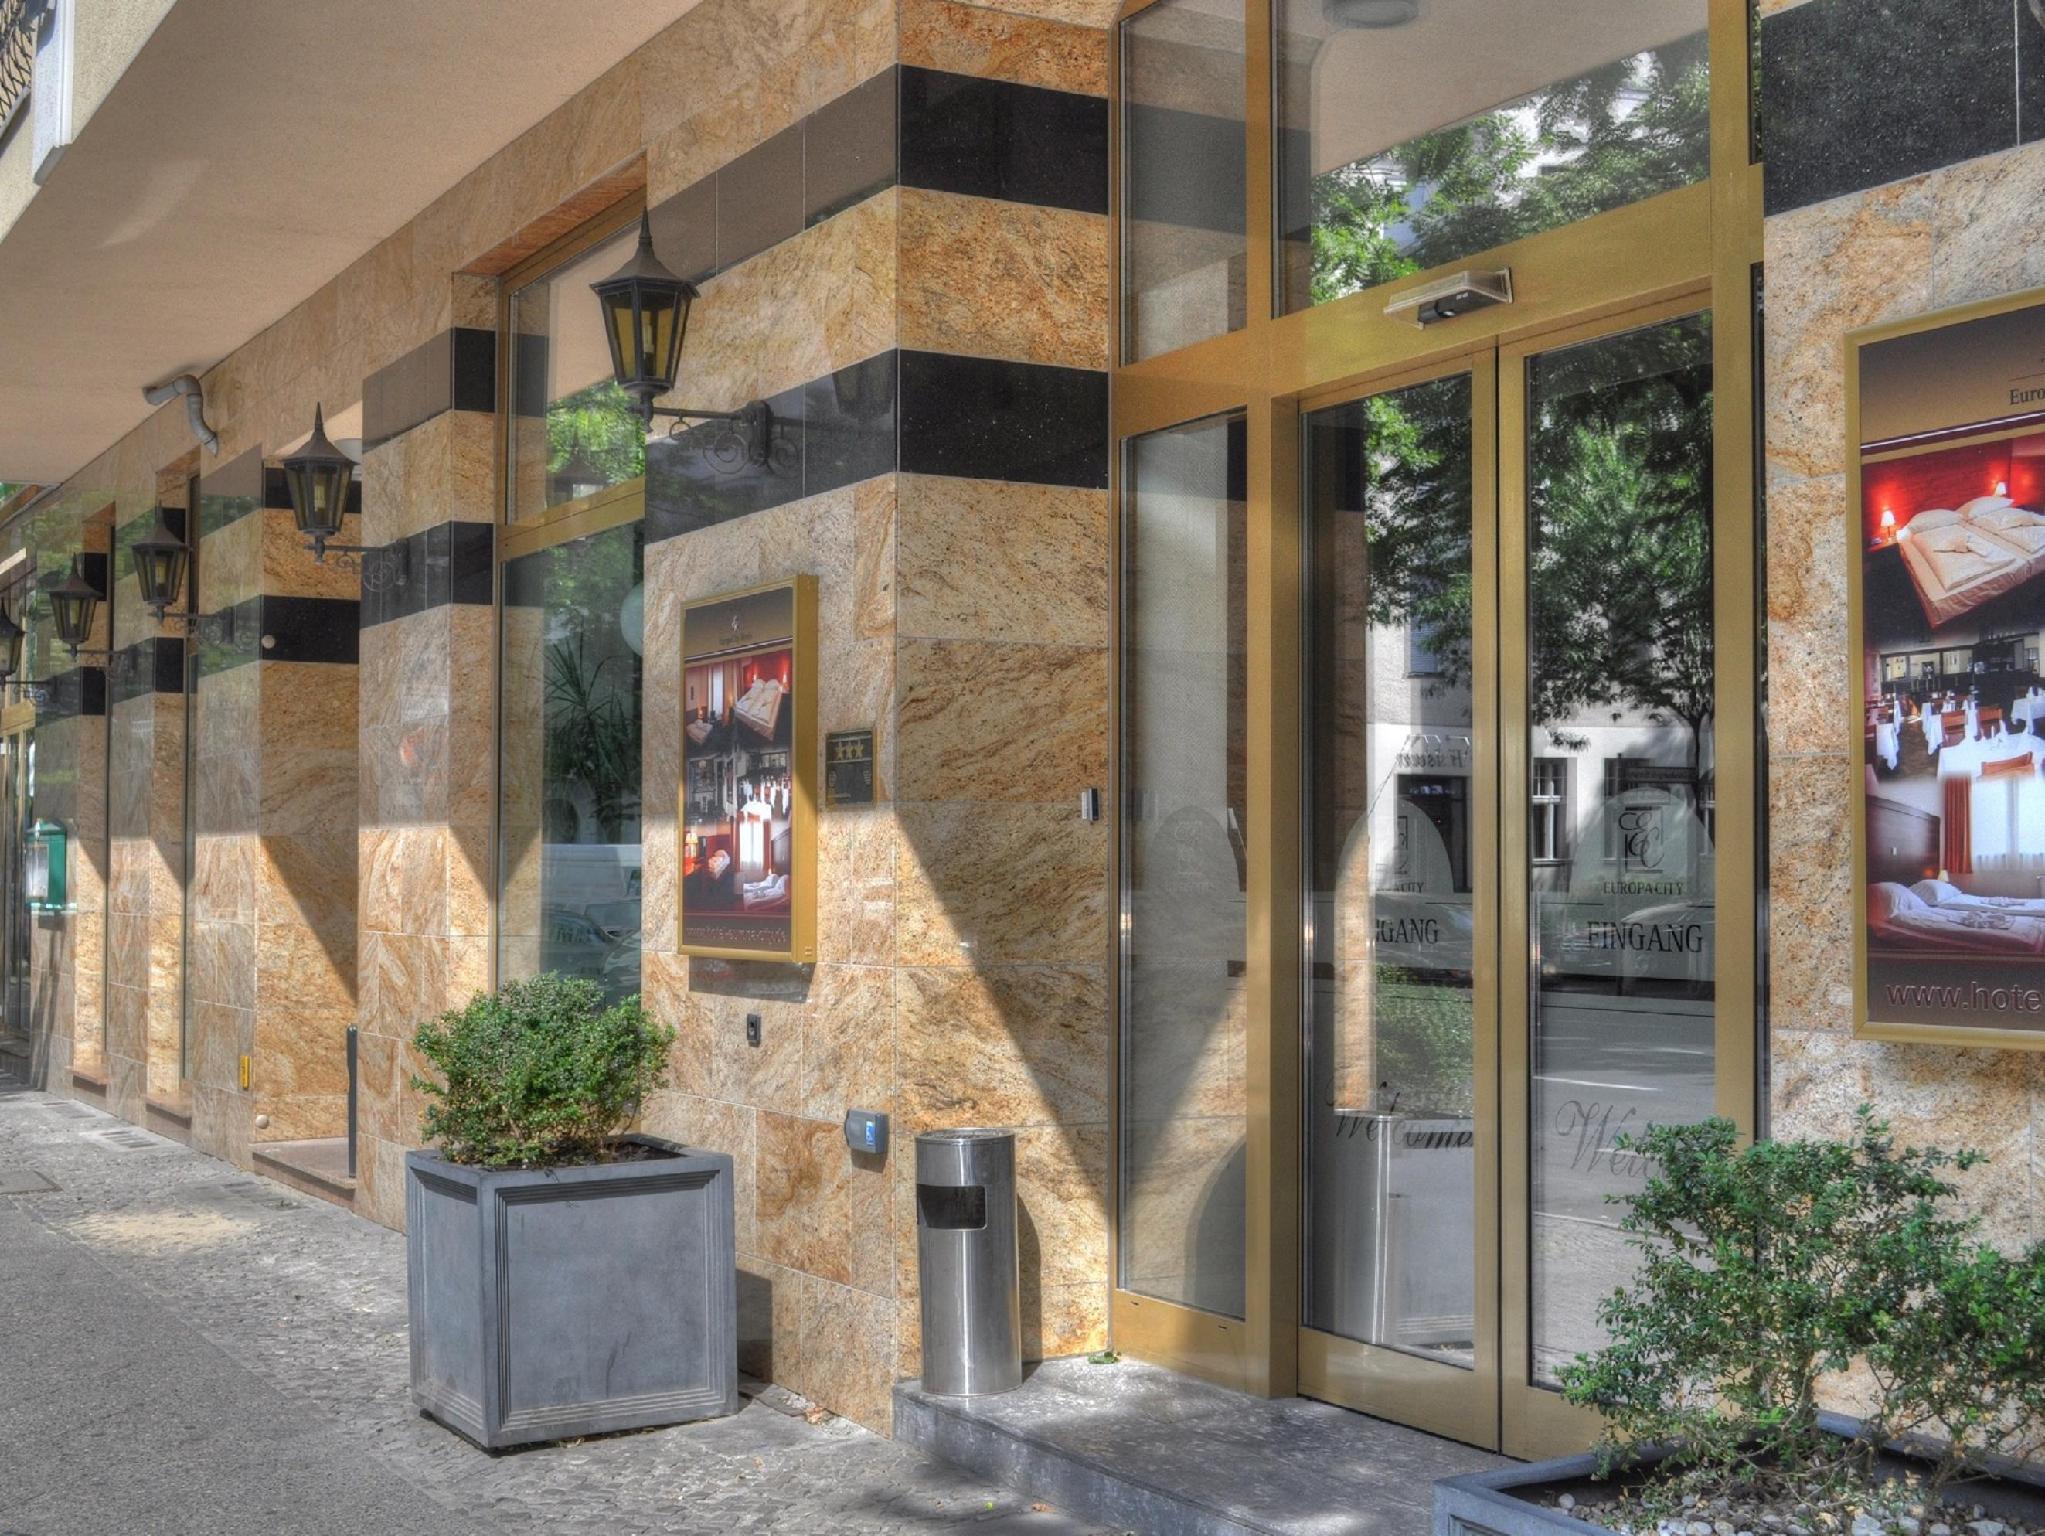 โรงแรมยูโรปา ซิตี้